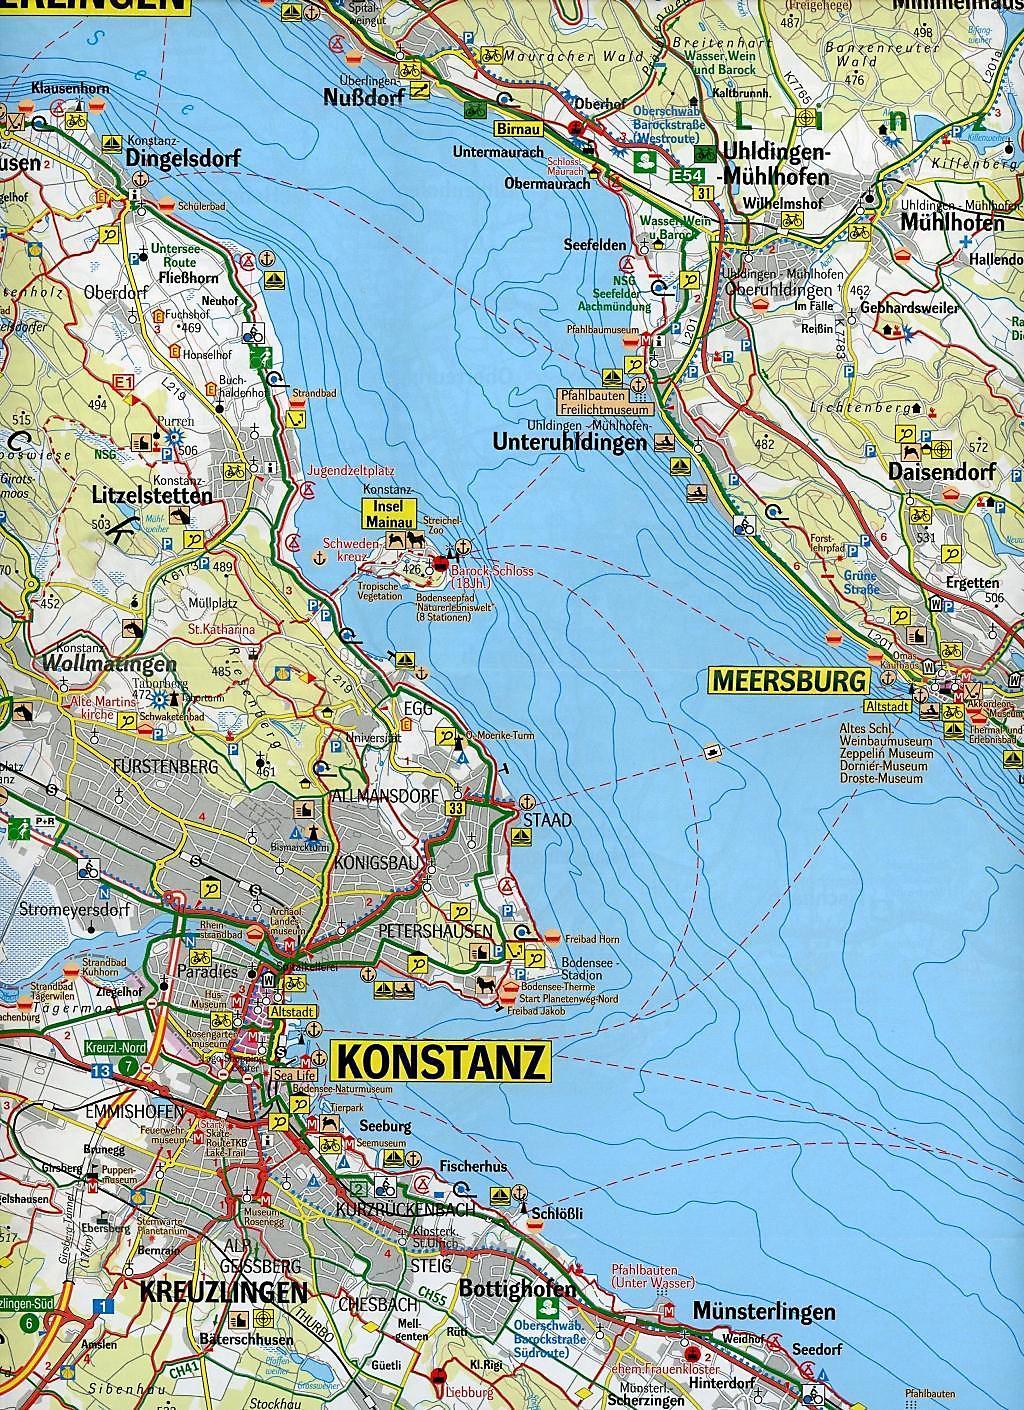 Taufspruch F303274r Karte.Karte Vom Bodensee